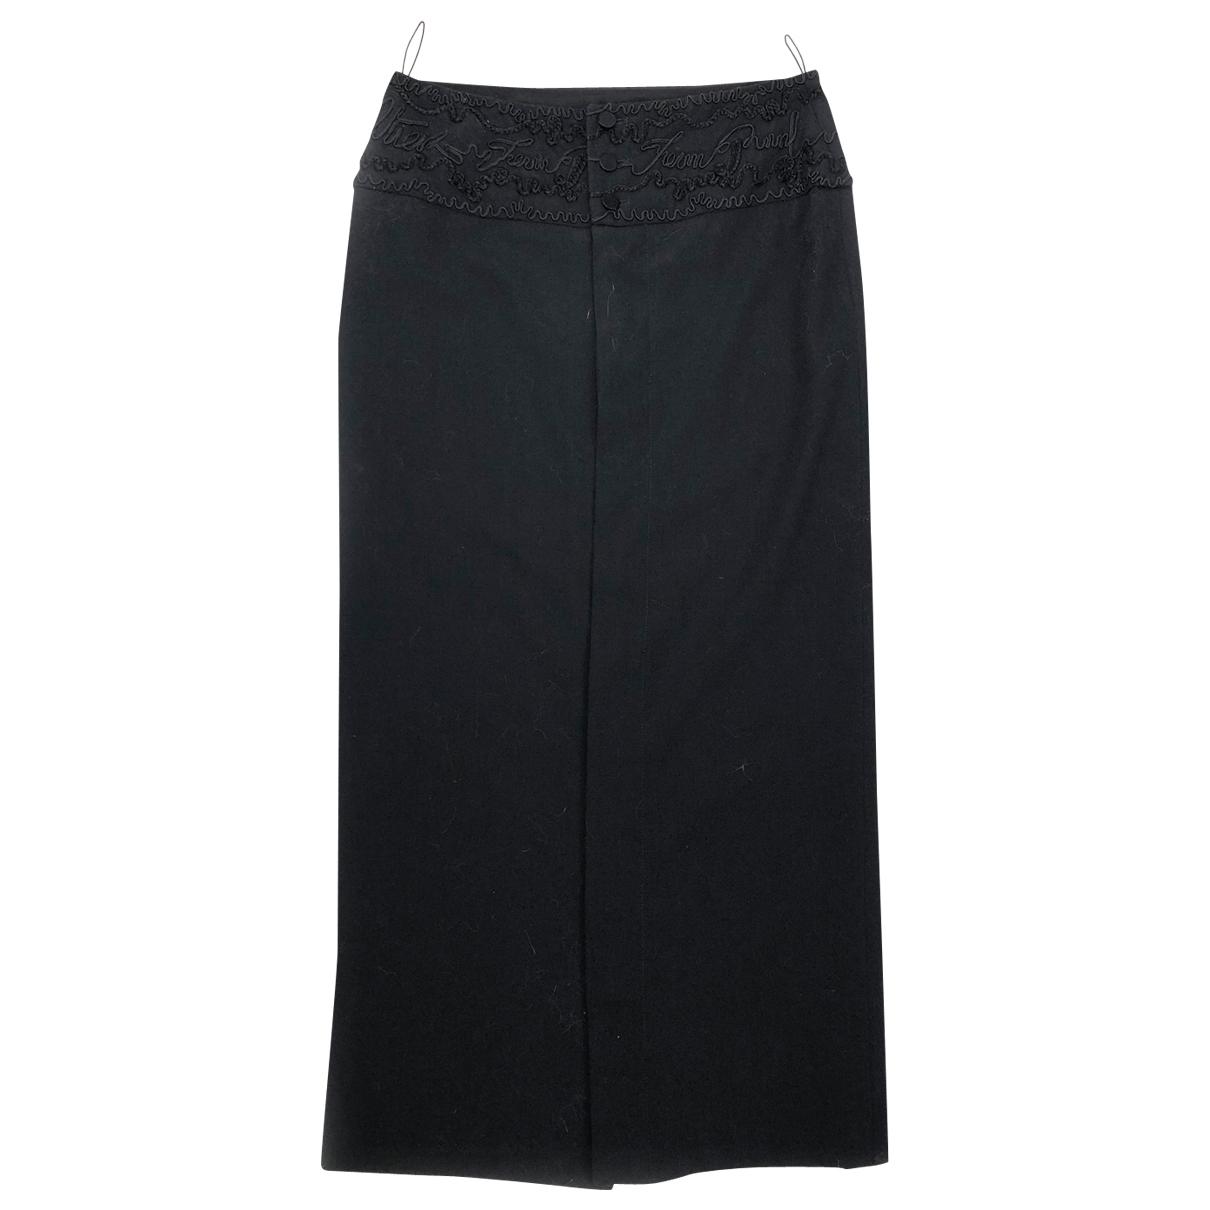 Jean Paul Gaultier \N Black Wool skirt for Women 38 FR